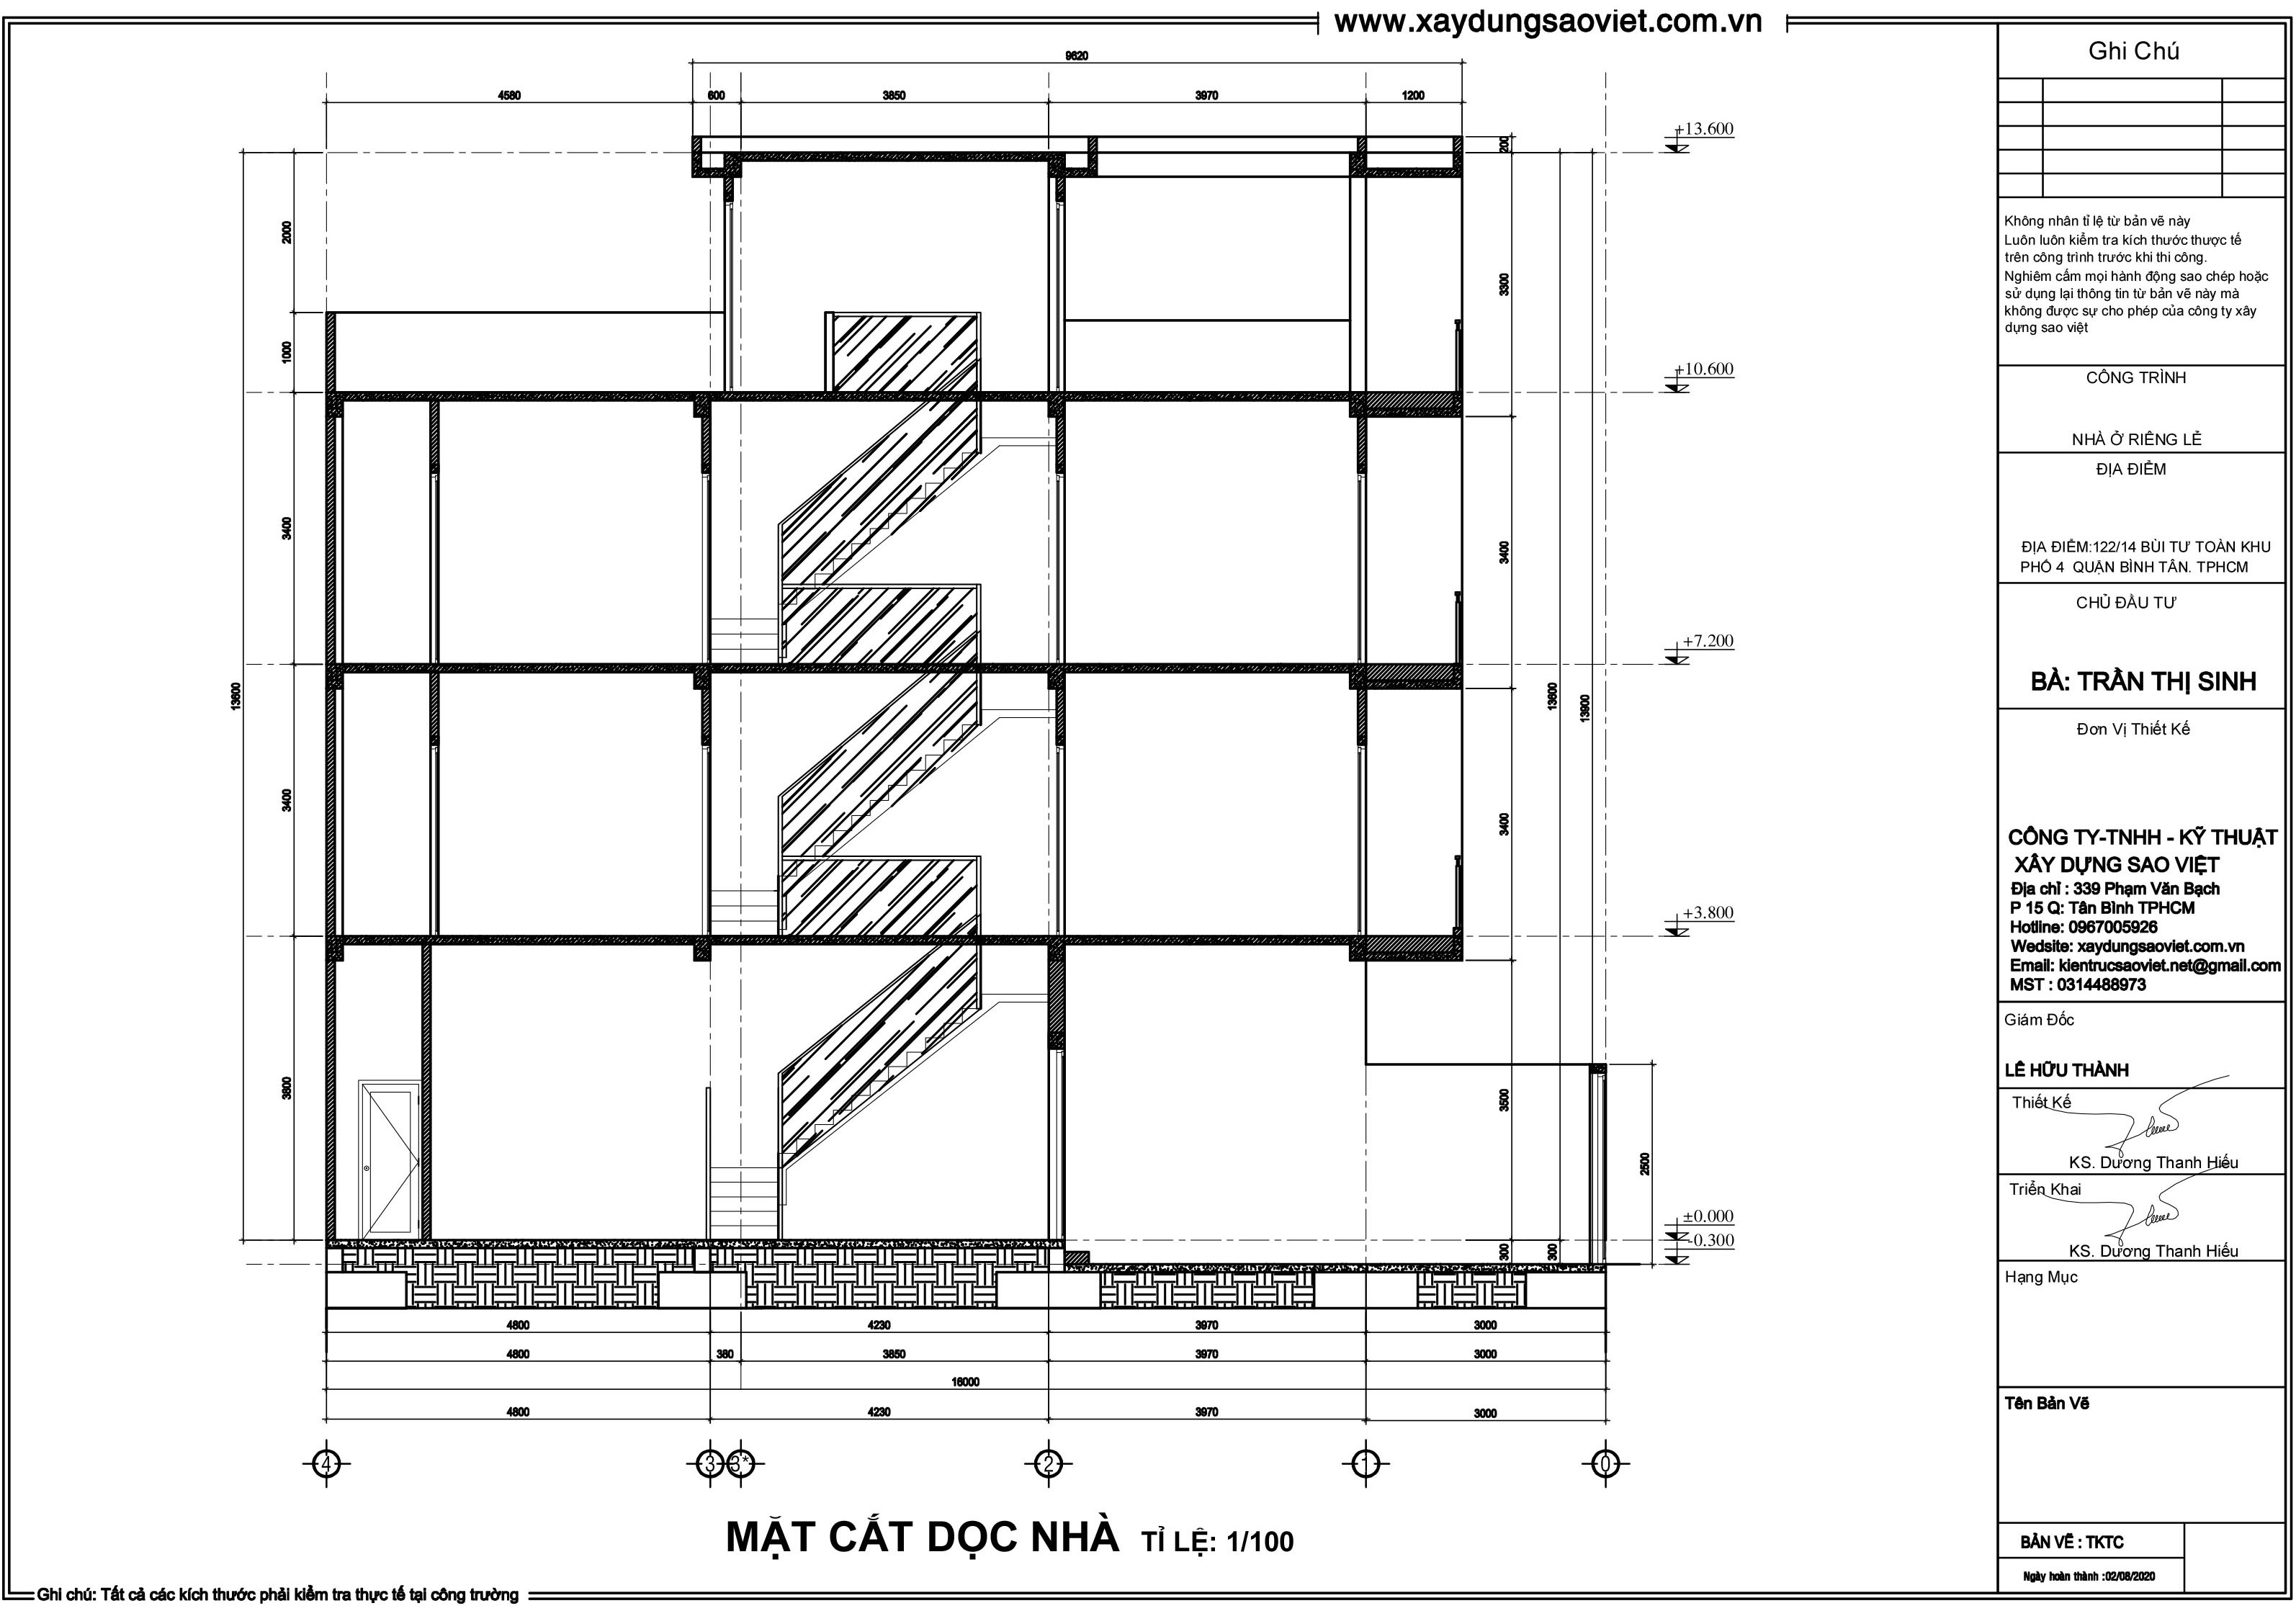 1-1 Mẫu thiết kế nhà phố phong cách hiện đại